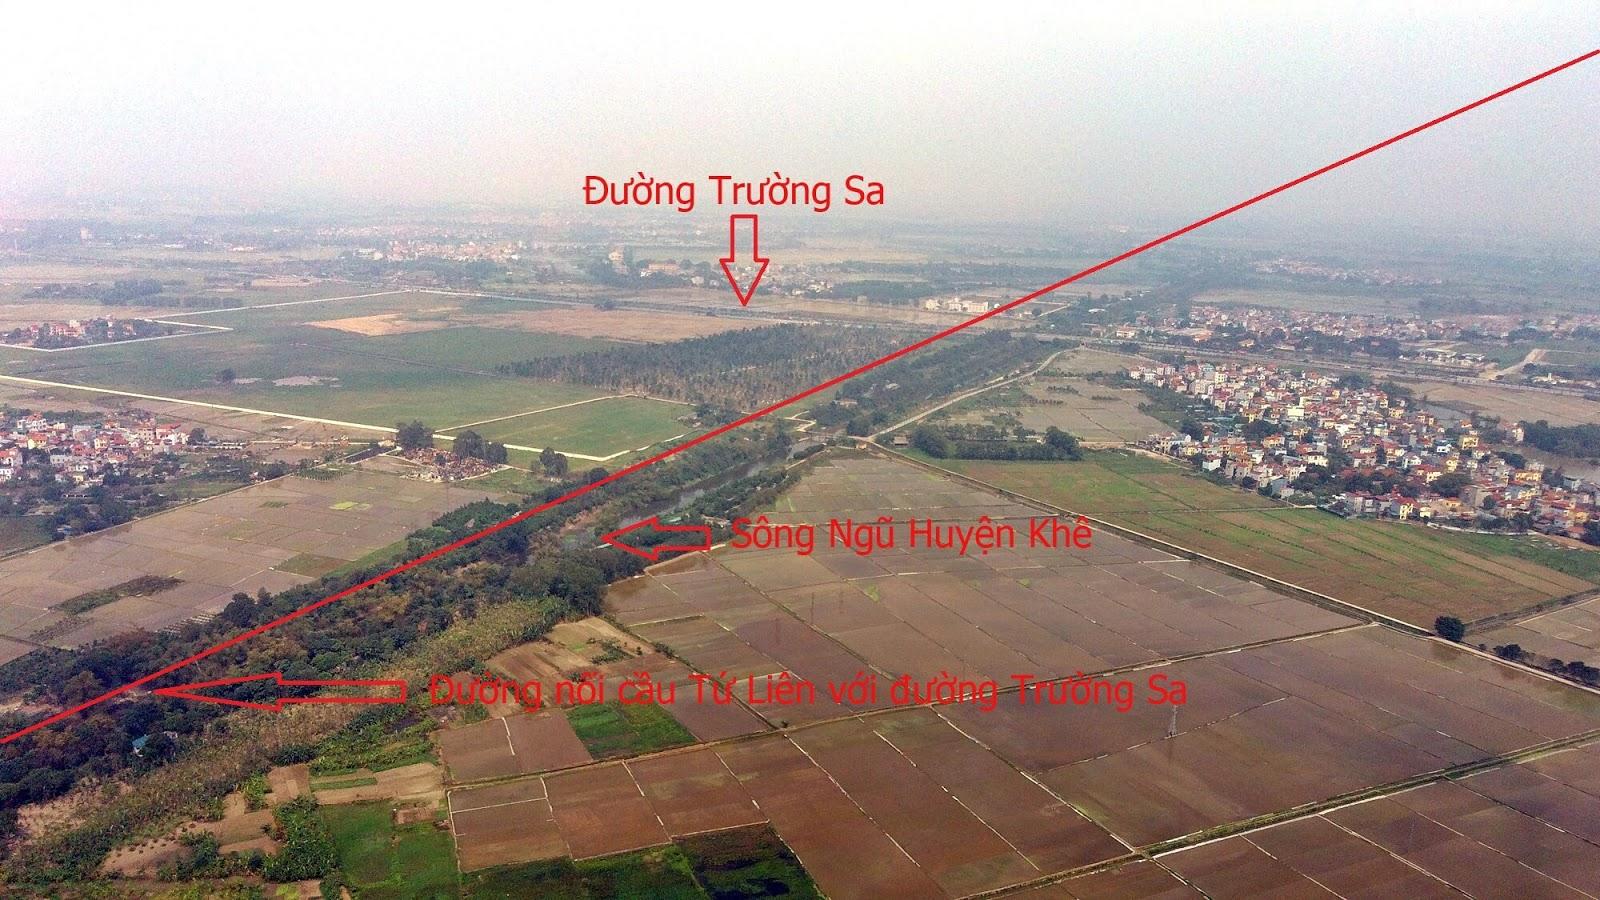 Đường dẫn cầu Tứ Liên chạy cắt ngang đường Trường Sa đến đường cao tốc Hà Nội - Thái Nguyên.